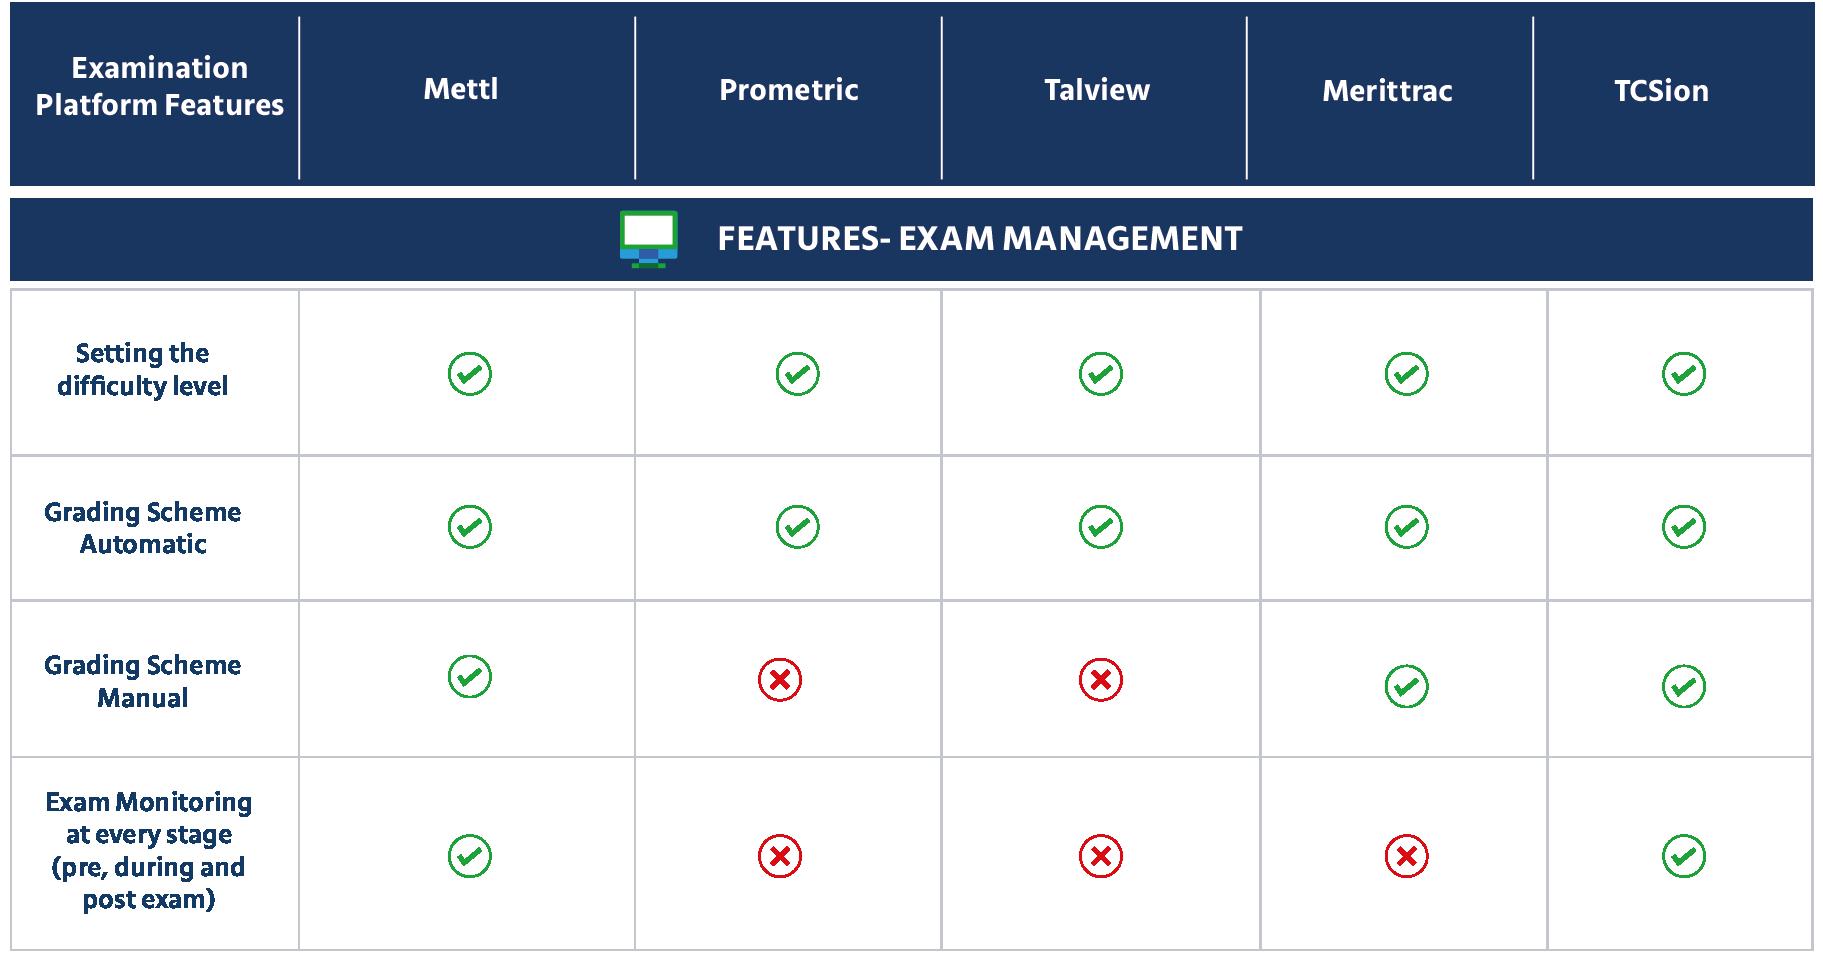 Features Exam management